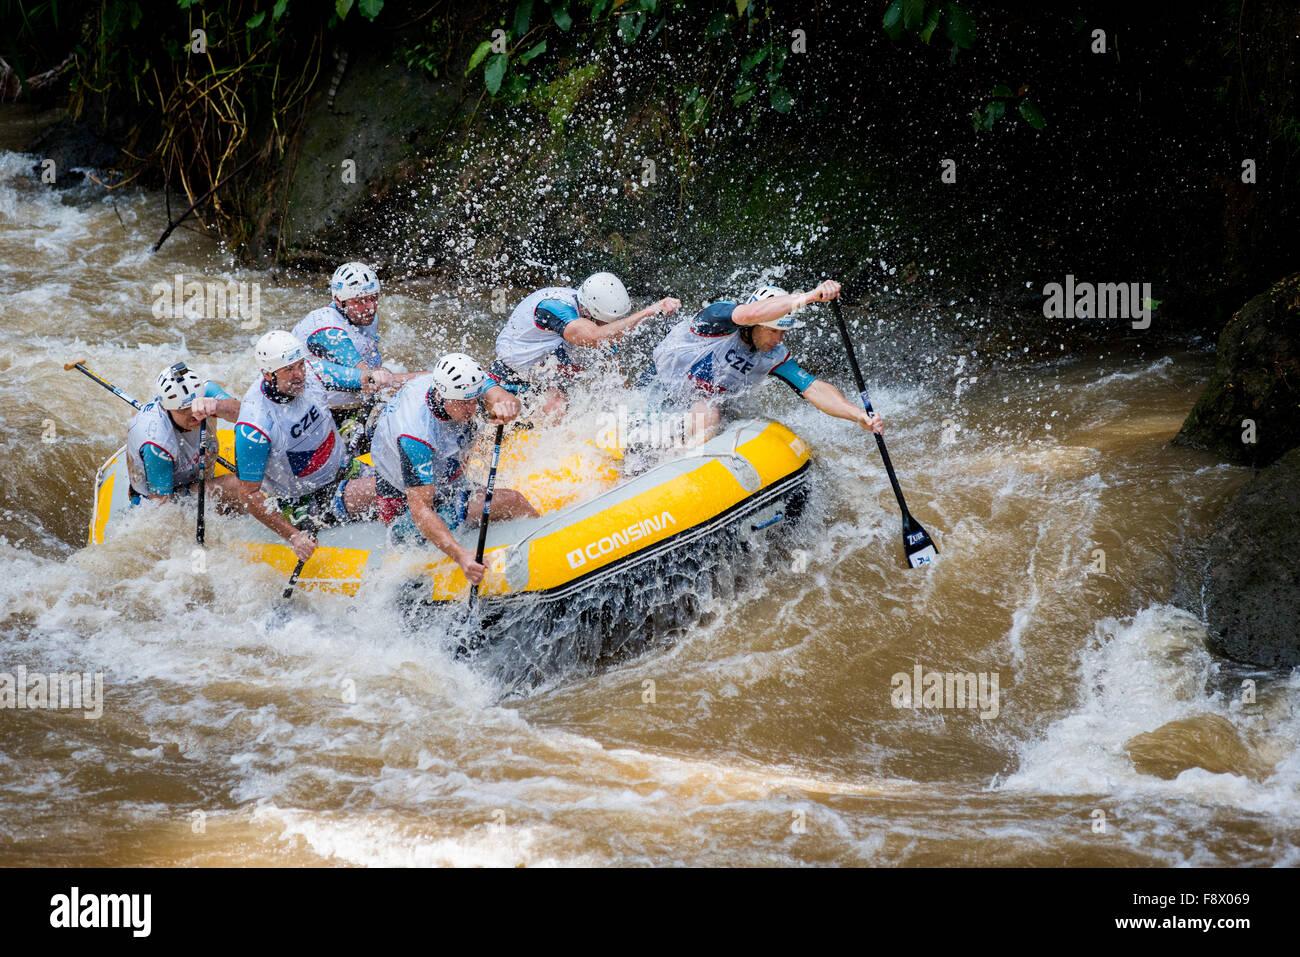 Repubblica ceca uomini master team competere sul testa a testa categoria sprint in occasione dei Mondiali di Rafting Immagini Stock